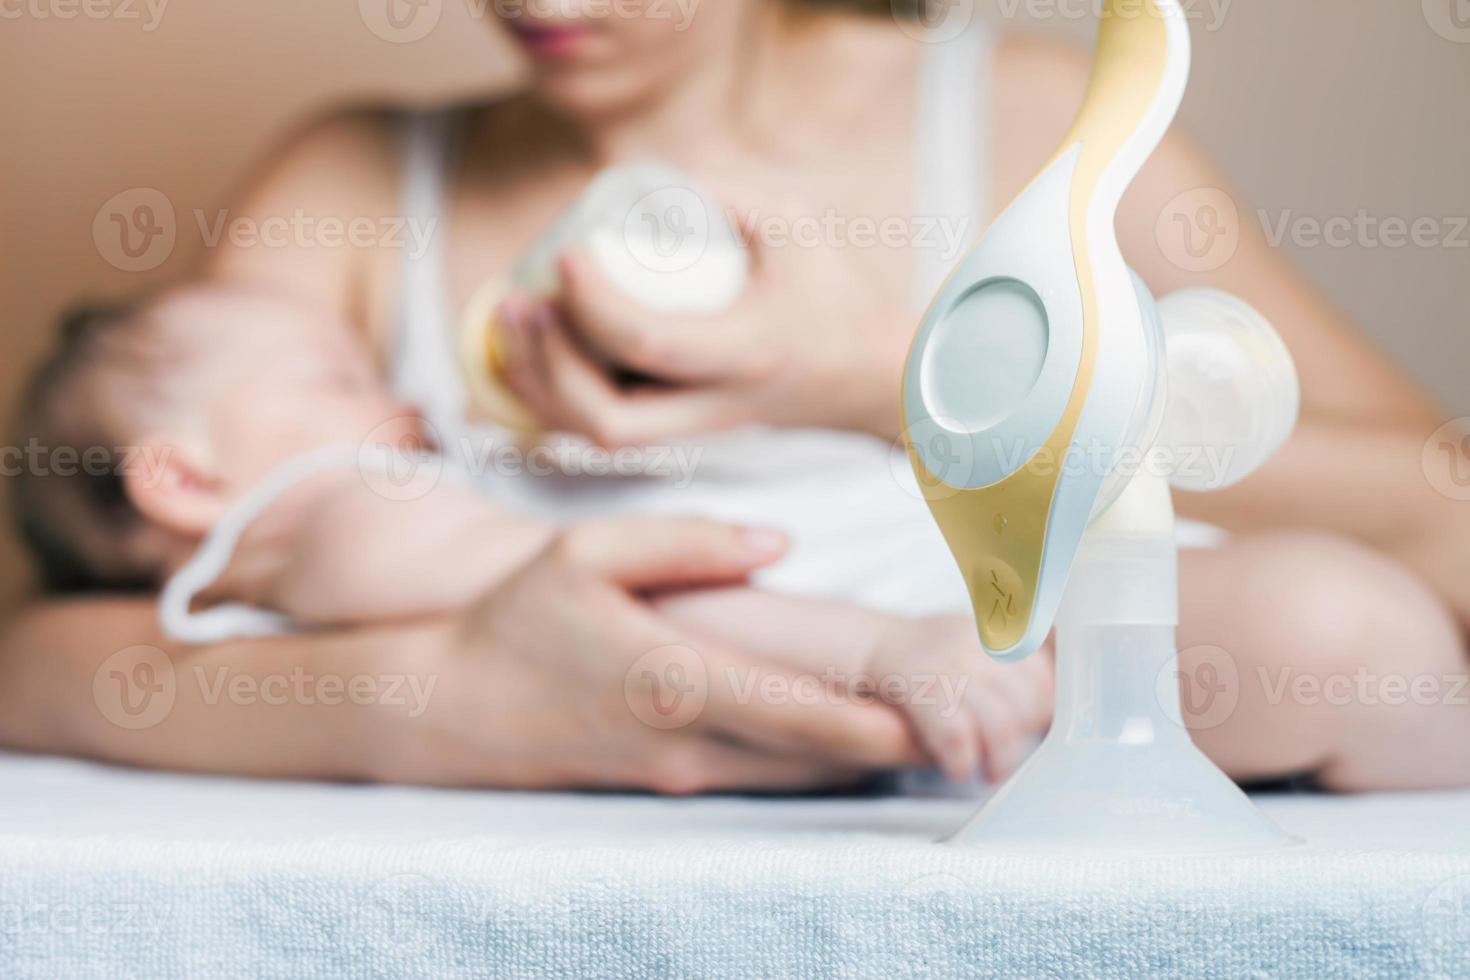 manuelle Milchpumpe und Mutter füttern ein Neugeborenes foto